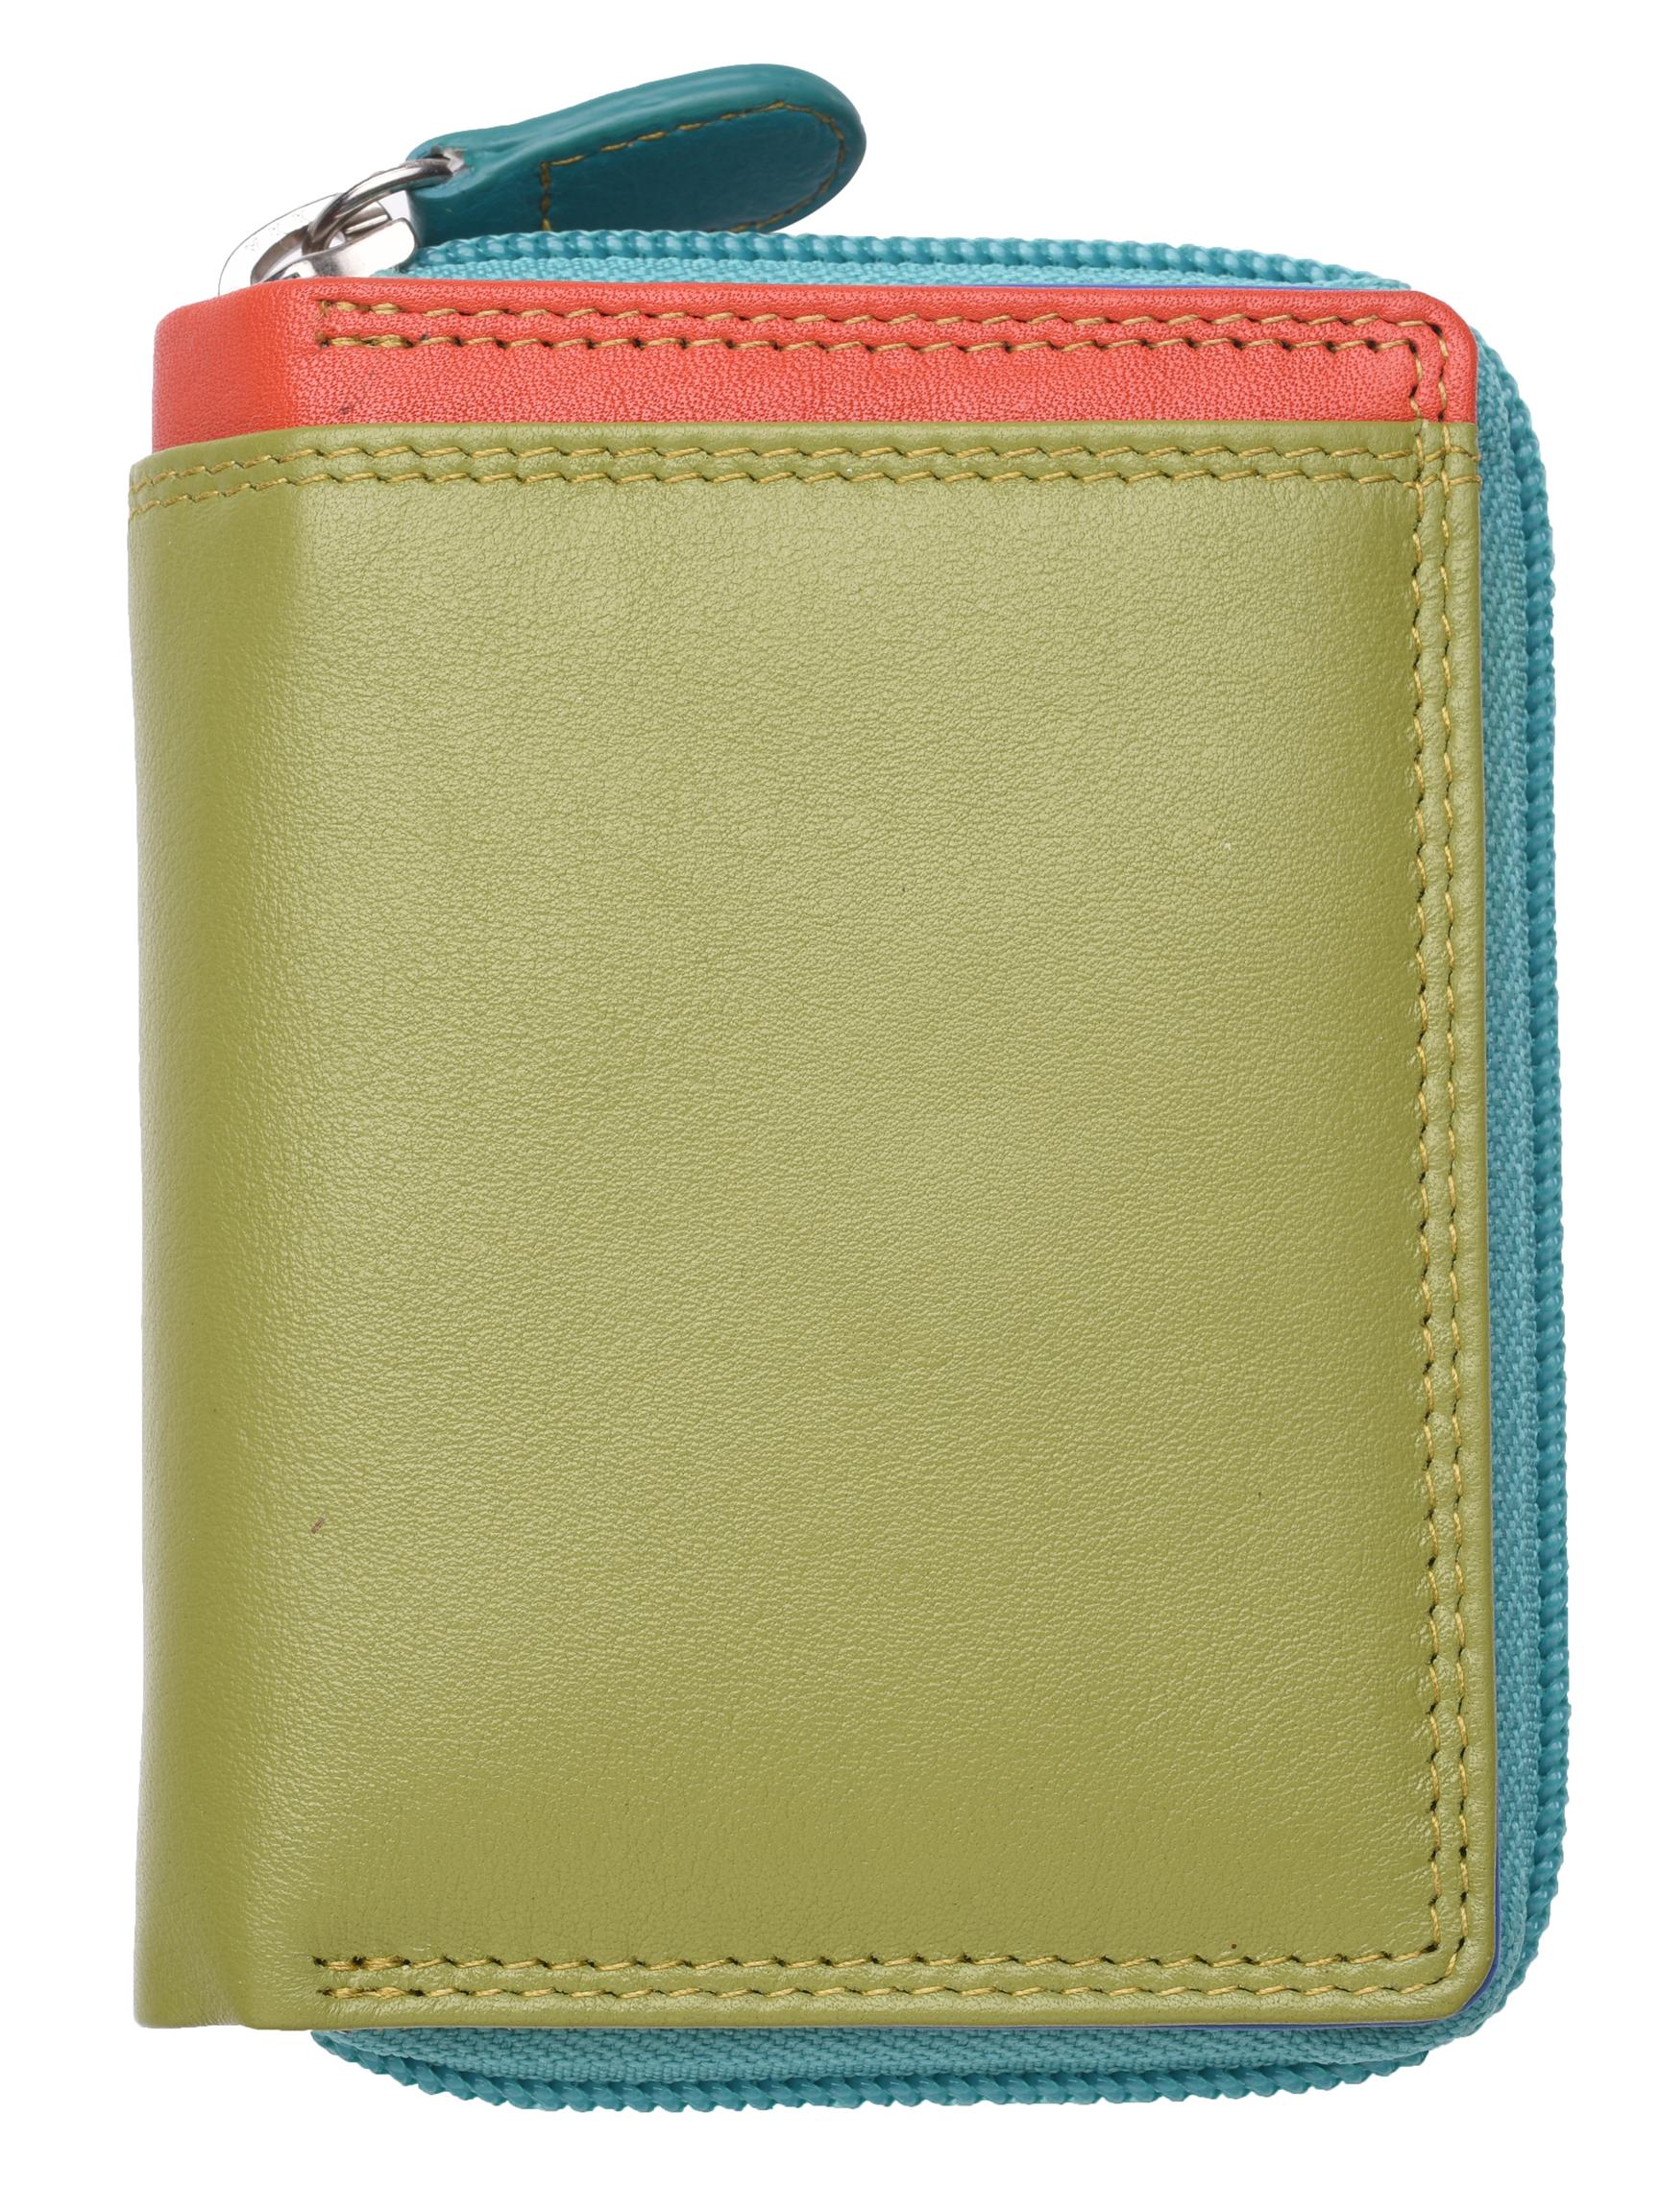 Femme-Femmes-RFID-Bloquant-en-Cuir-Veritable-Petit-Sac-a-main-portefeuille-vert-rose-rouge miniature 25